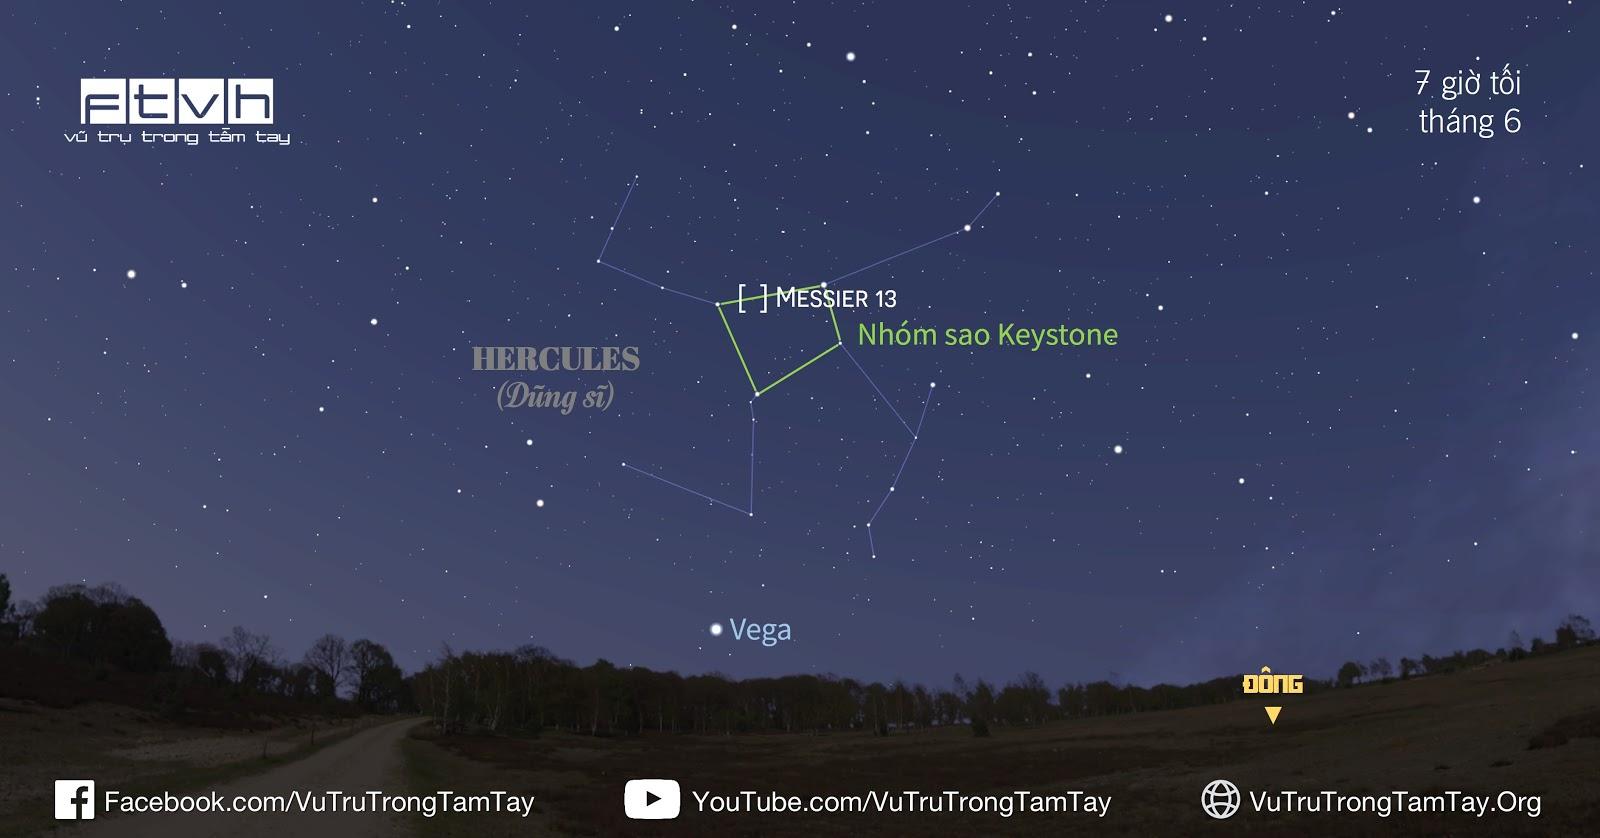 Vị trí của Messier 13 ở hướng đông trên bầu trời tháng 6 lúc 7 giờ tối. Hình ảnh: Stellarium/Ftvh - Vũ trụ trong tầm tay.